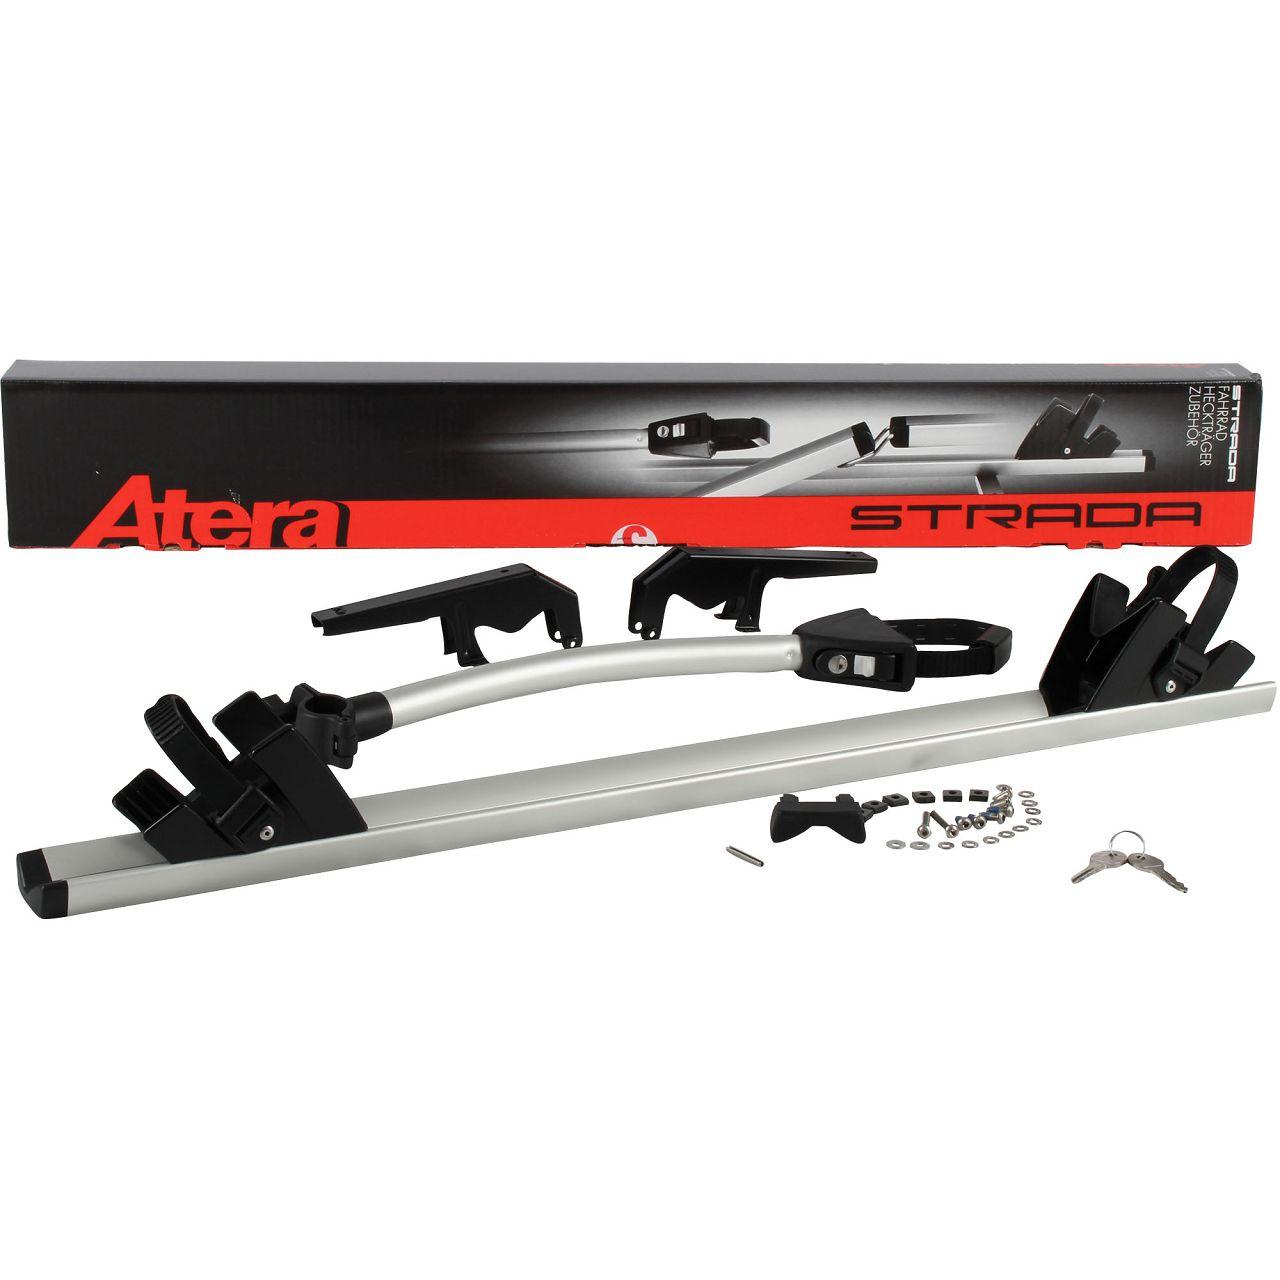 ATERA 22610 Erweiterungssatz 3. Fahrrad für Fahrradträger Strada DL 2 / Sport M2